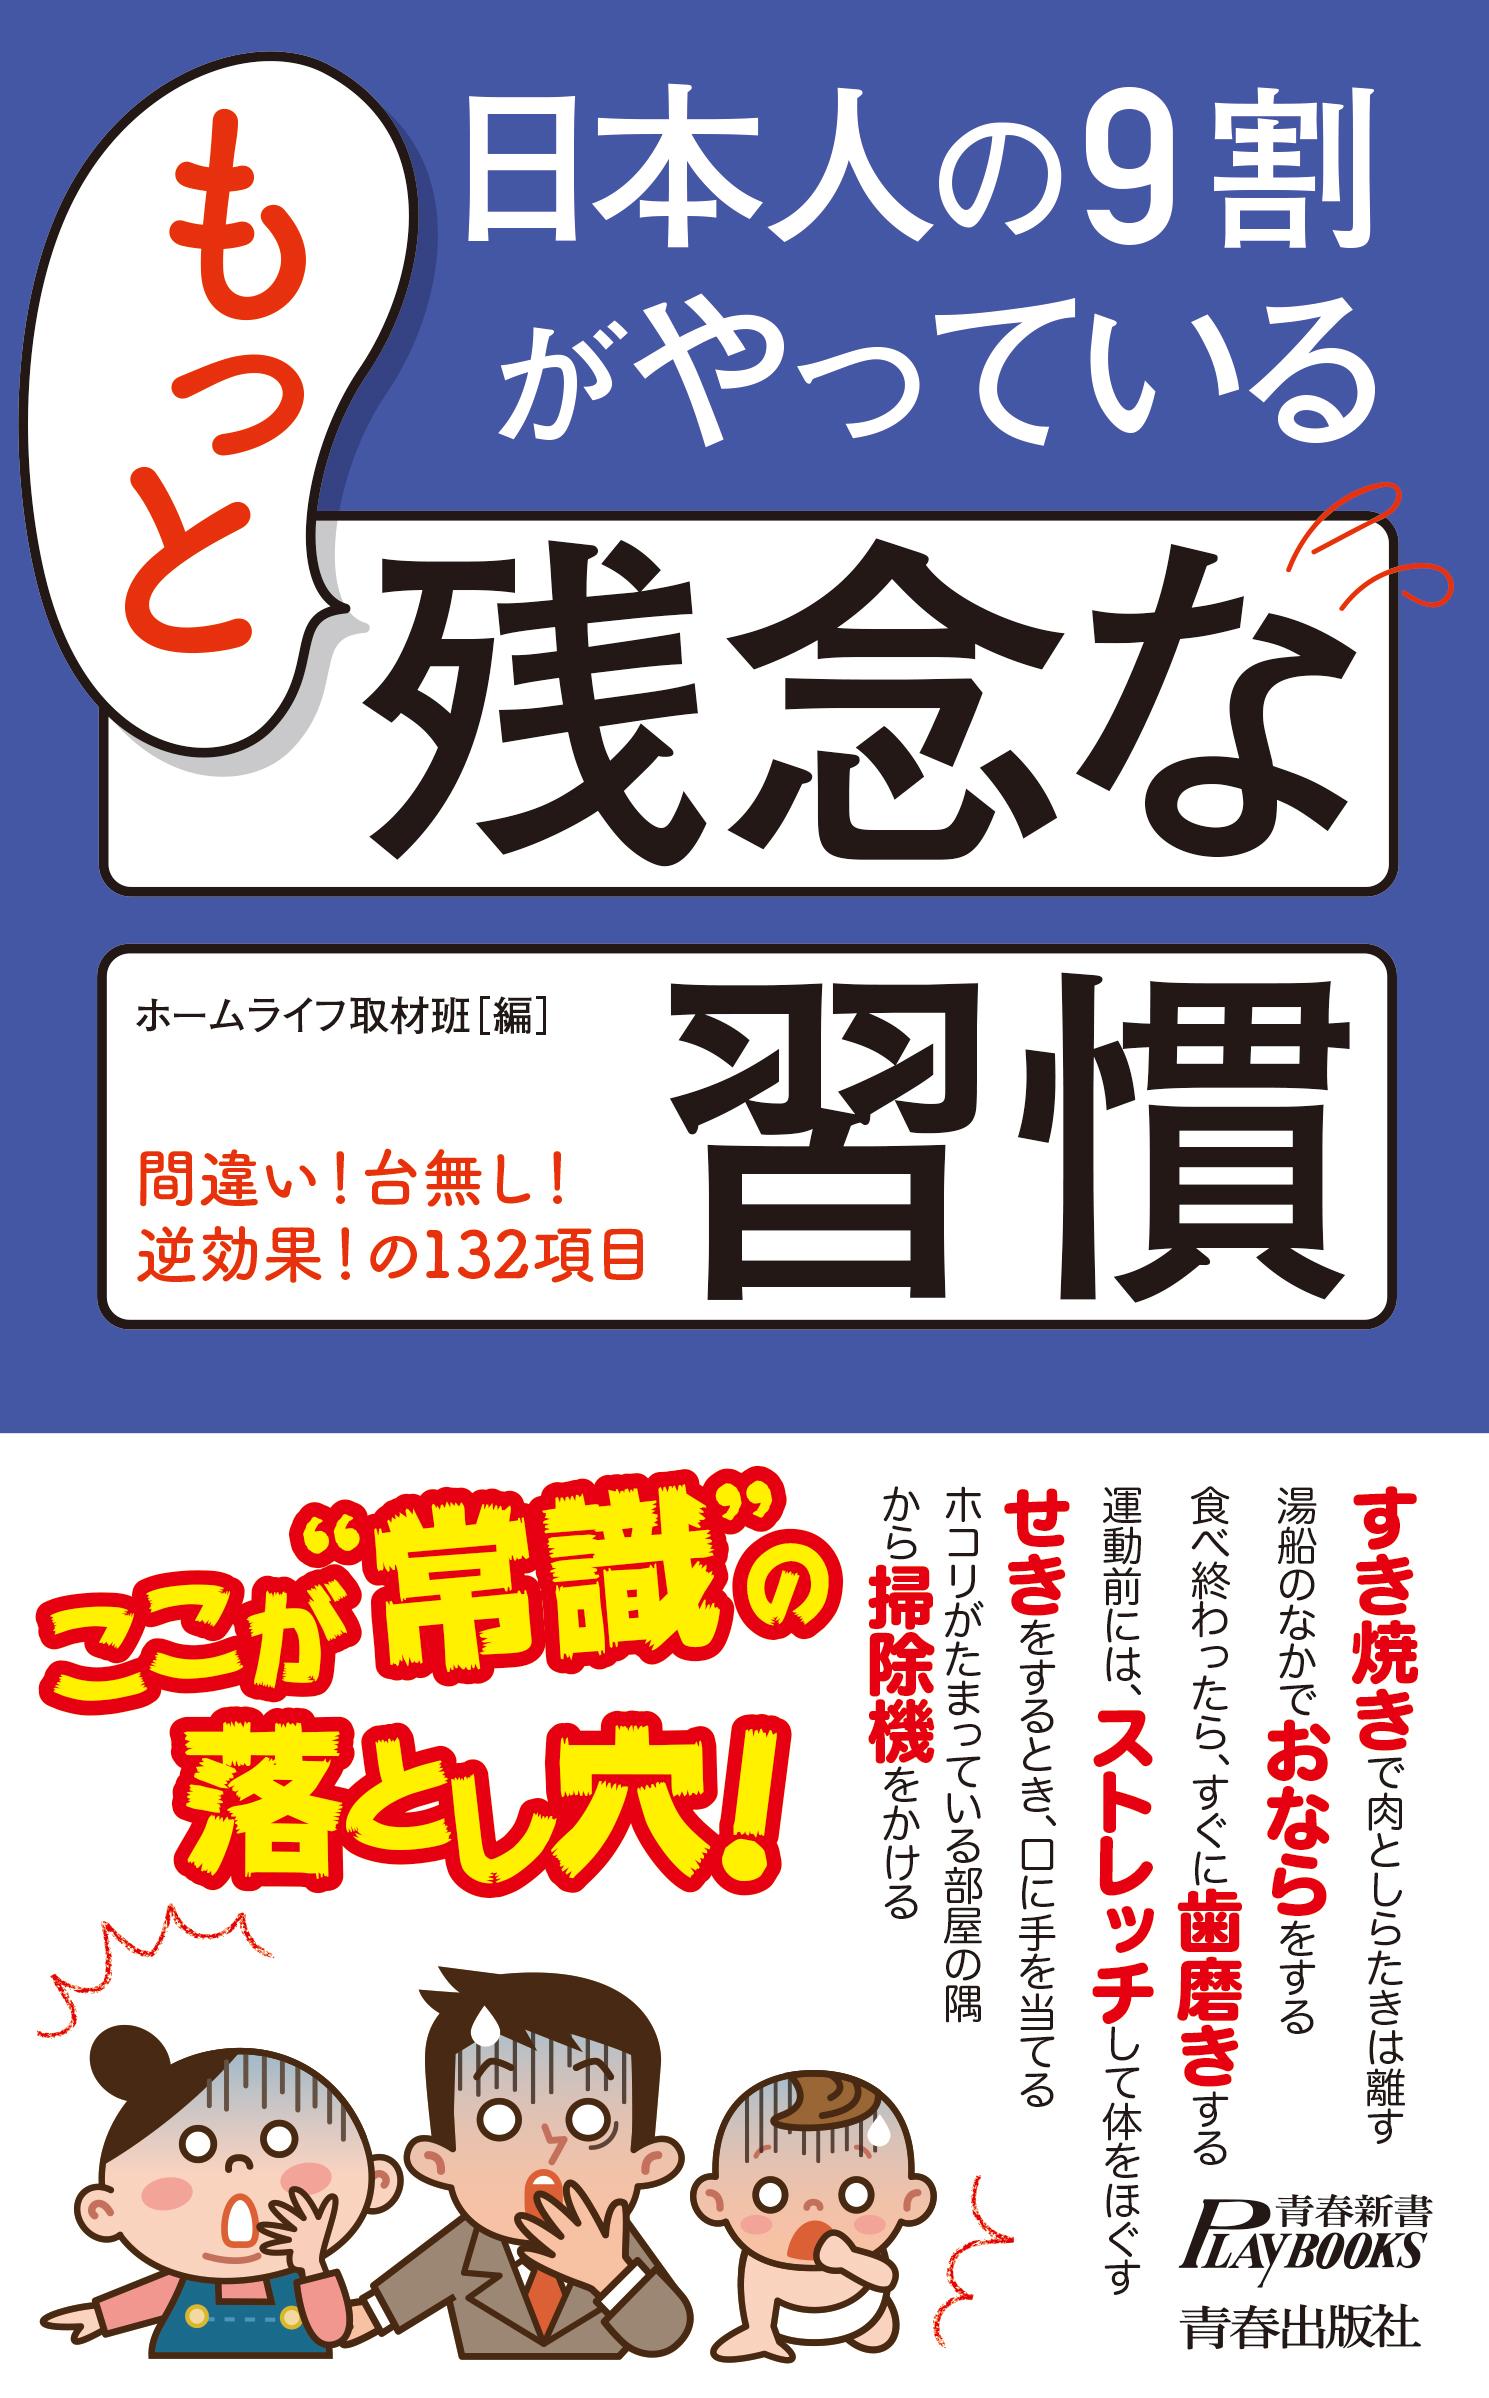 019-【書影】もっと残念な習慣.jpg